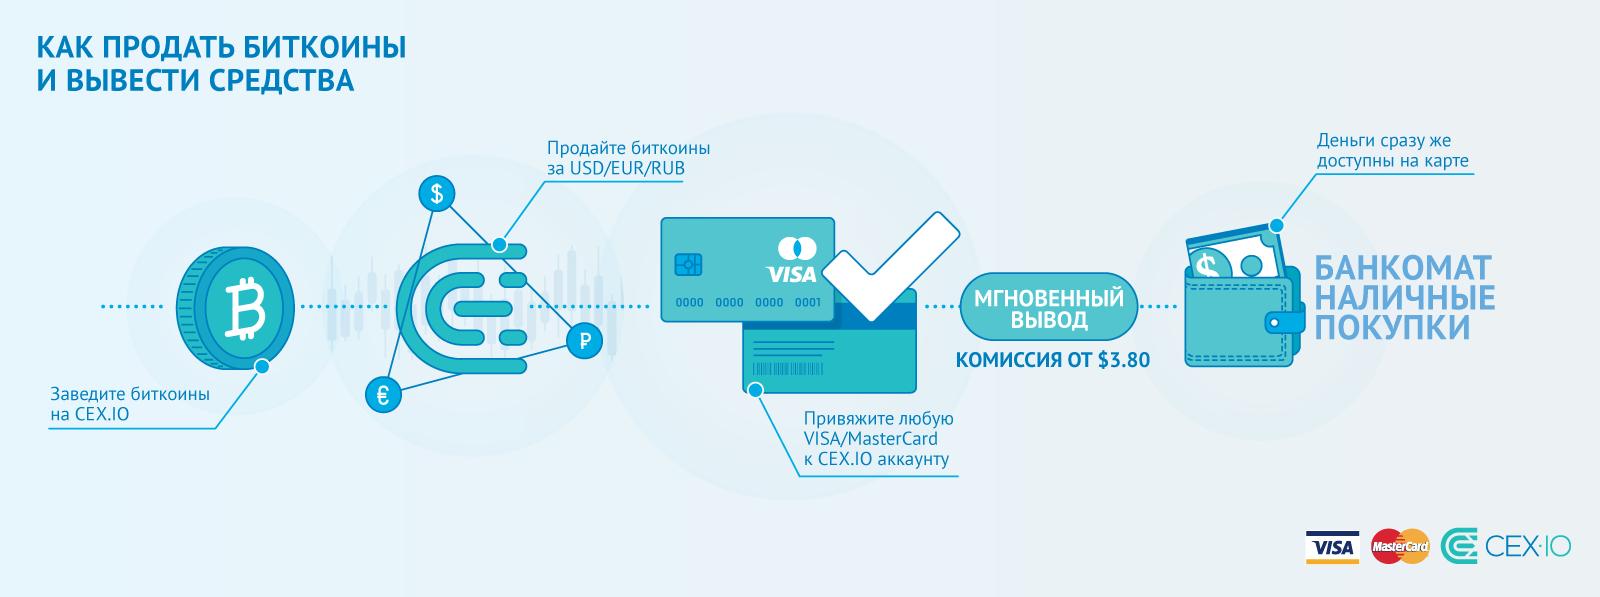 withdraw-infograph-rus_9f8a6b7cf7970d43b